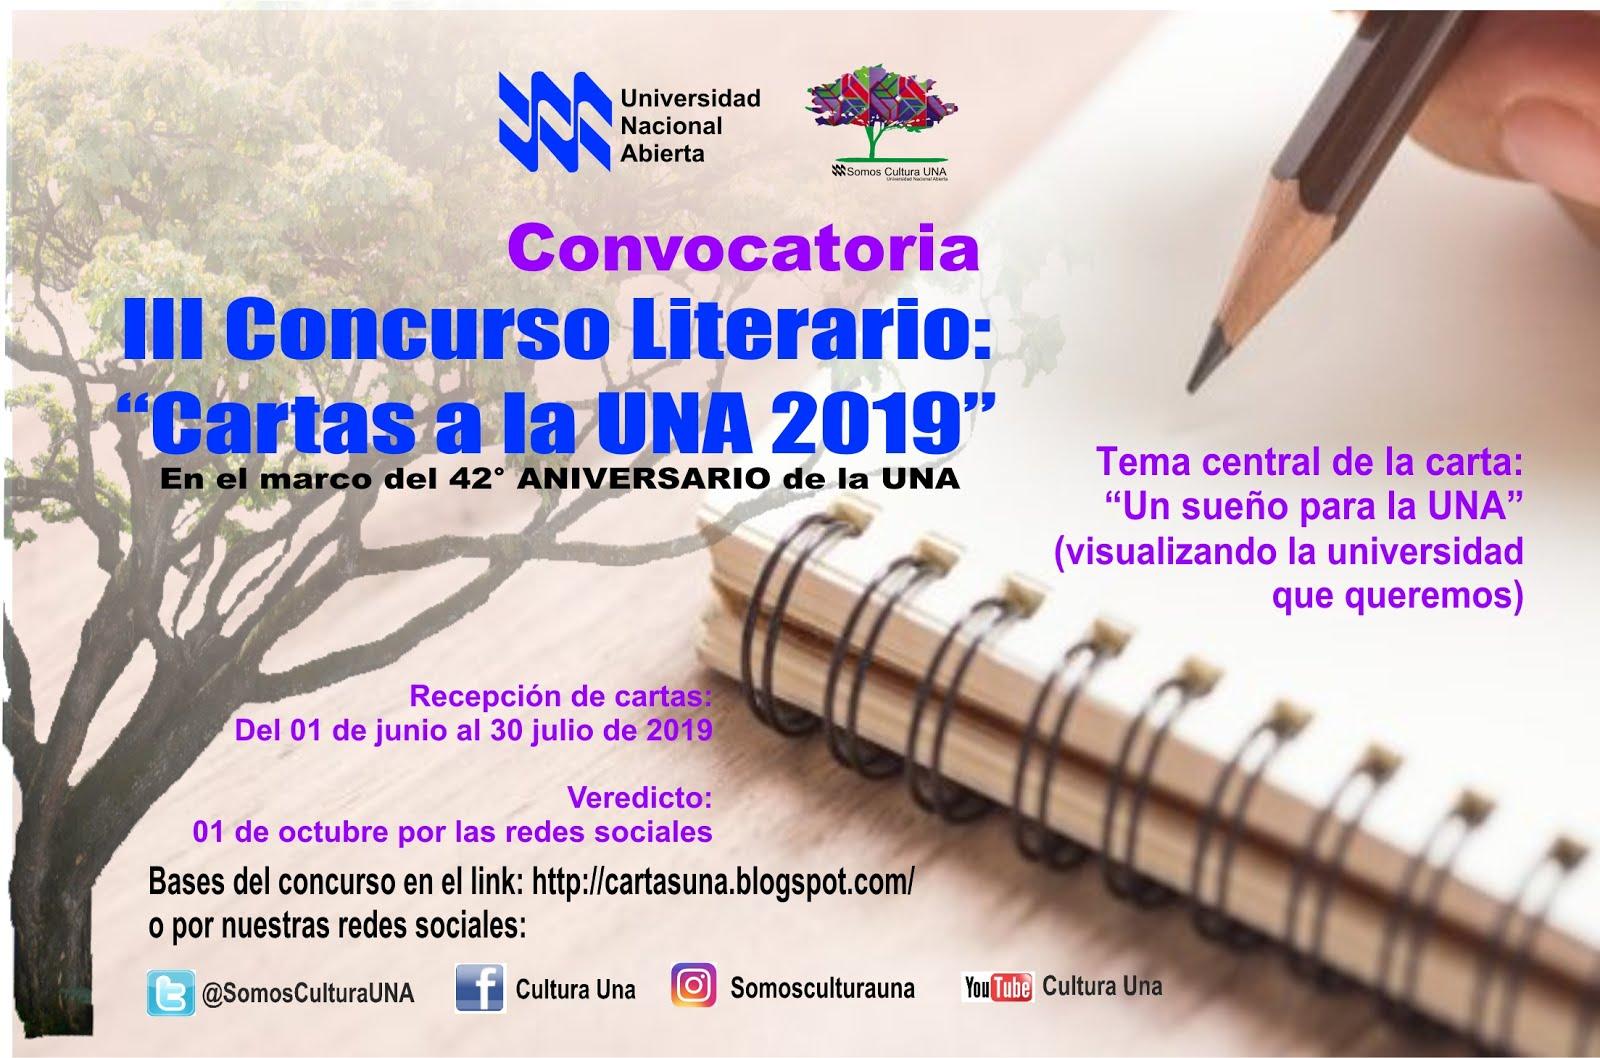 III Concurso Literario Cartas a la UNA 2019